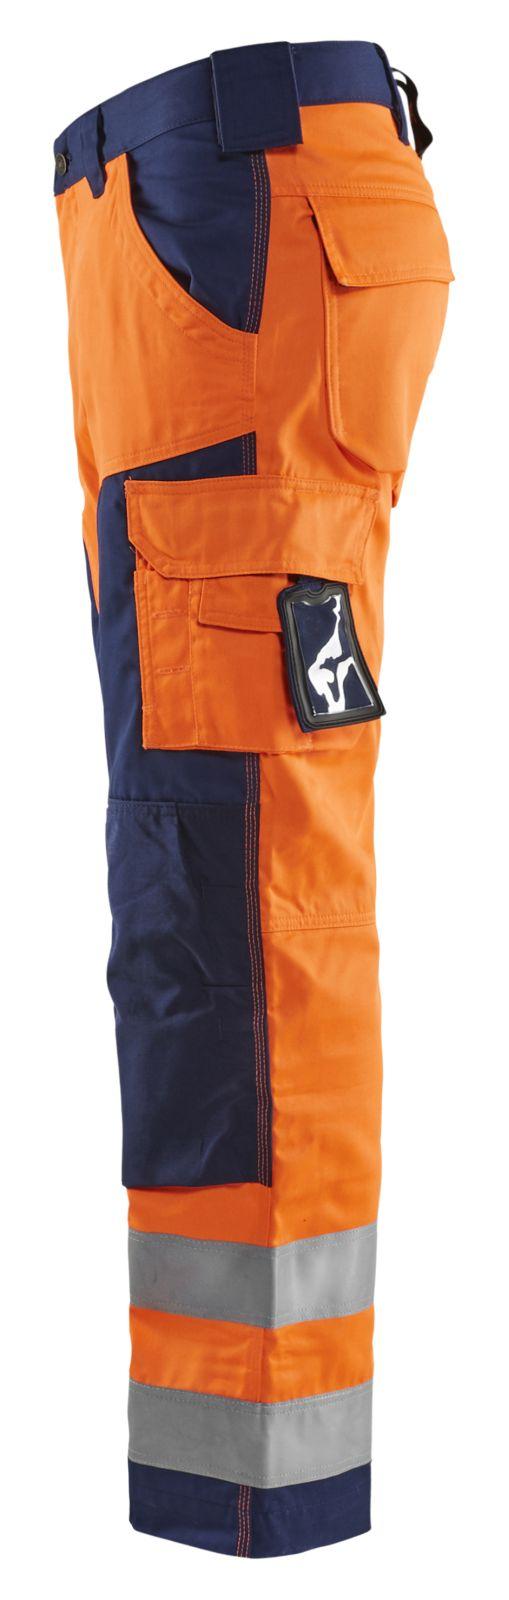 Blaklader Werkbroeken 15661811 High Vis oranje-marineblauw(5389)